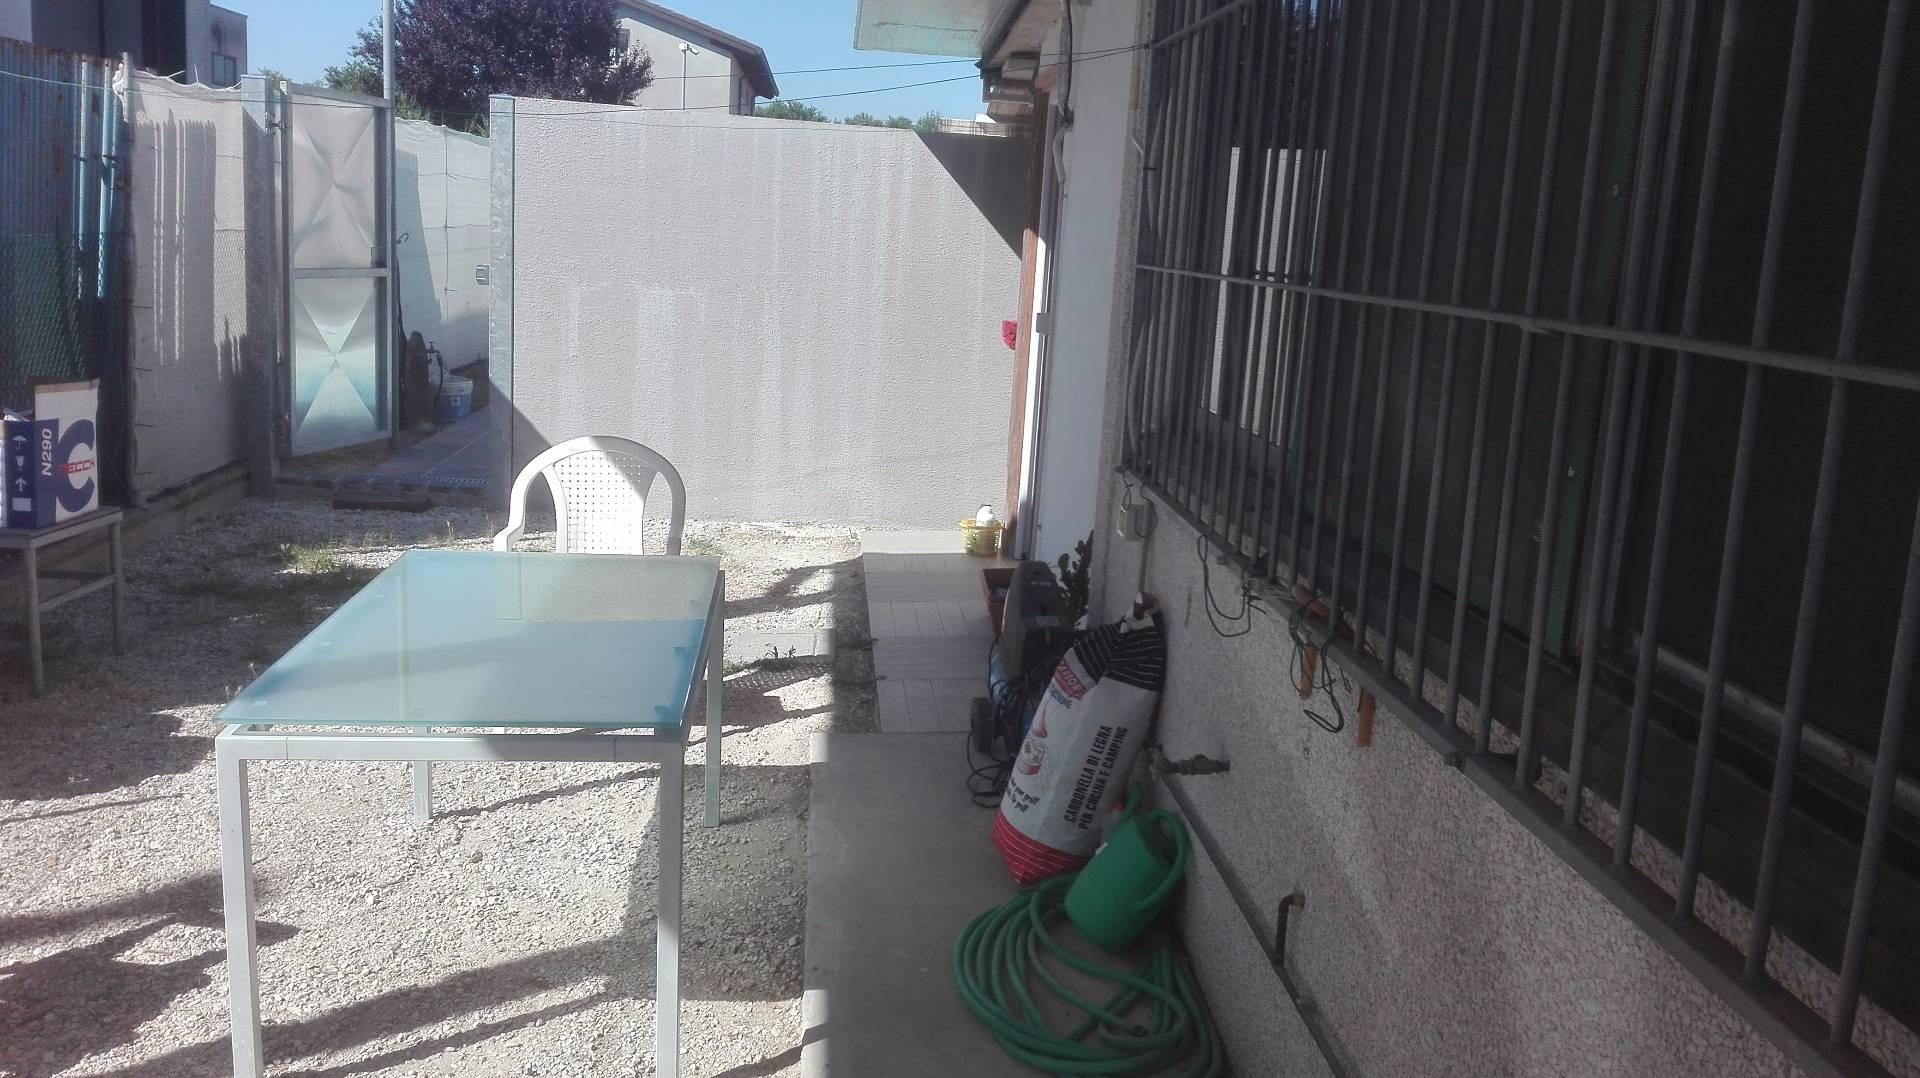 Appartamento in affitto a Bagnacavallo, 4 locali, zona Zona: Villanova, prezzo € 360 | CambioCasa.it